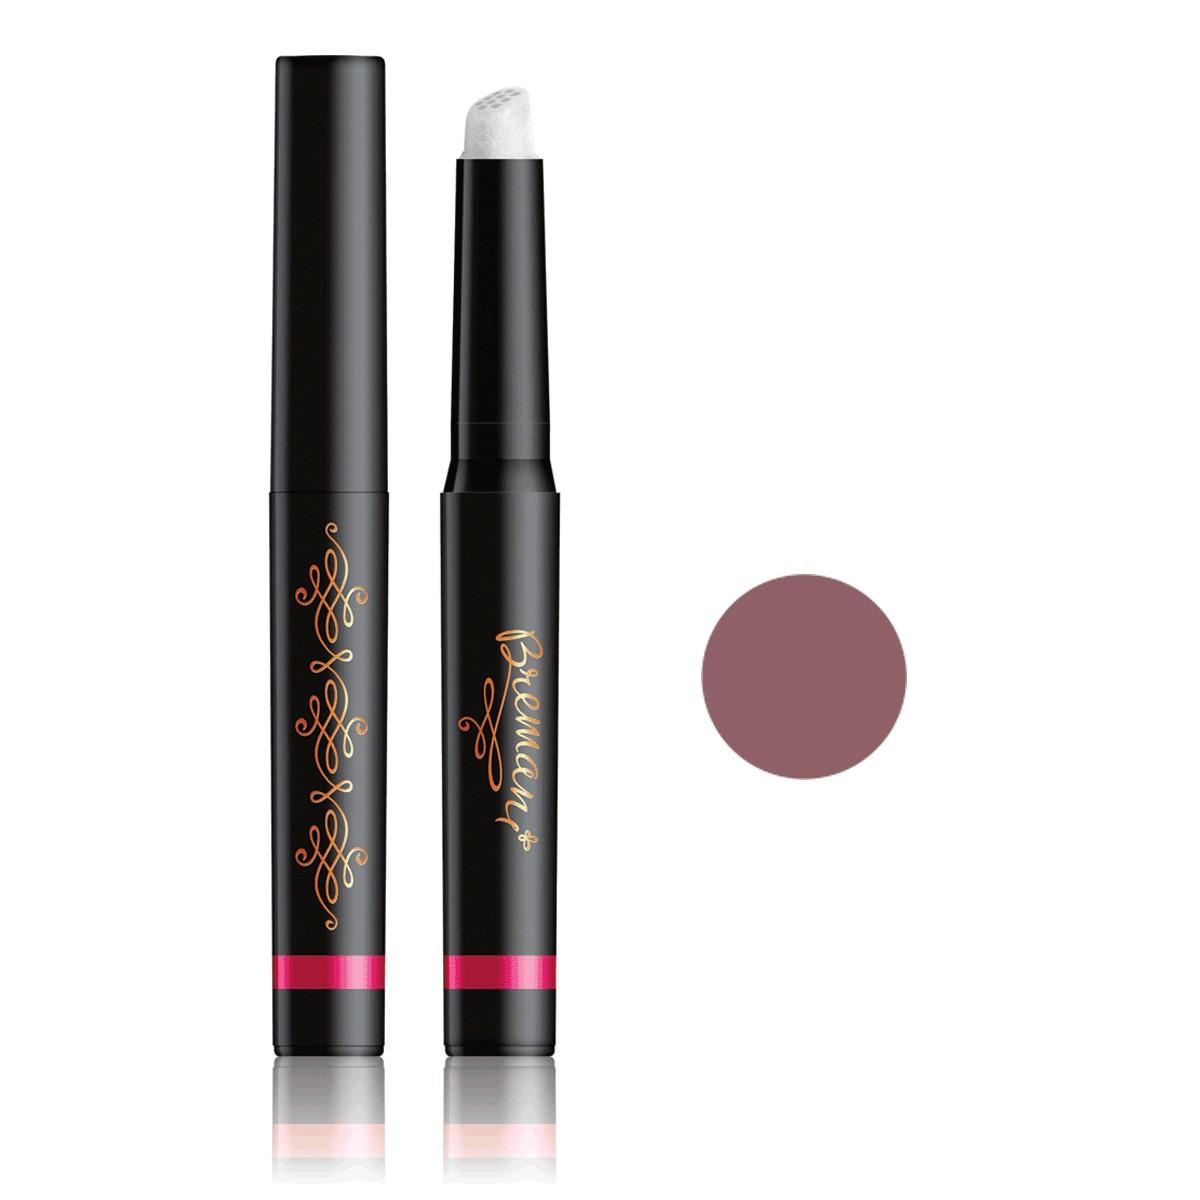 """Lipstick Caramel Помада """"Карамель"""" с фибровым аппликатором, Bremani, NSP, НСП, Италия."""